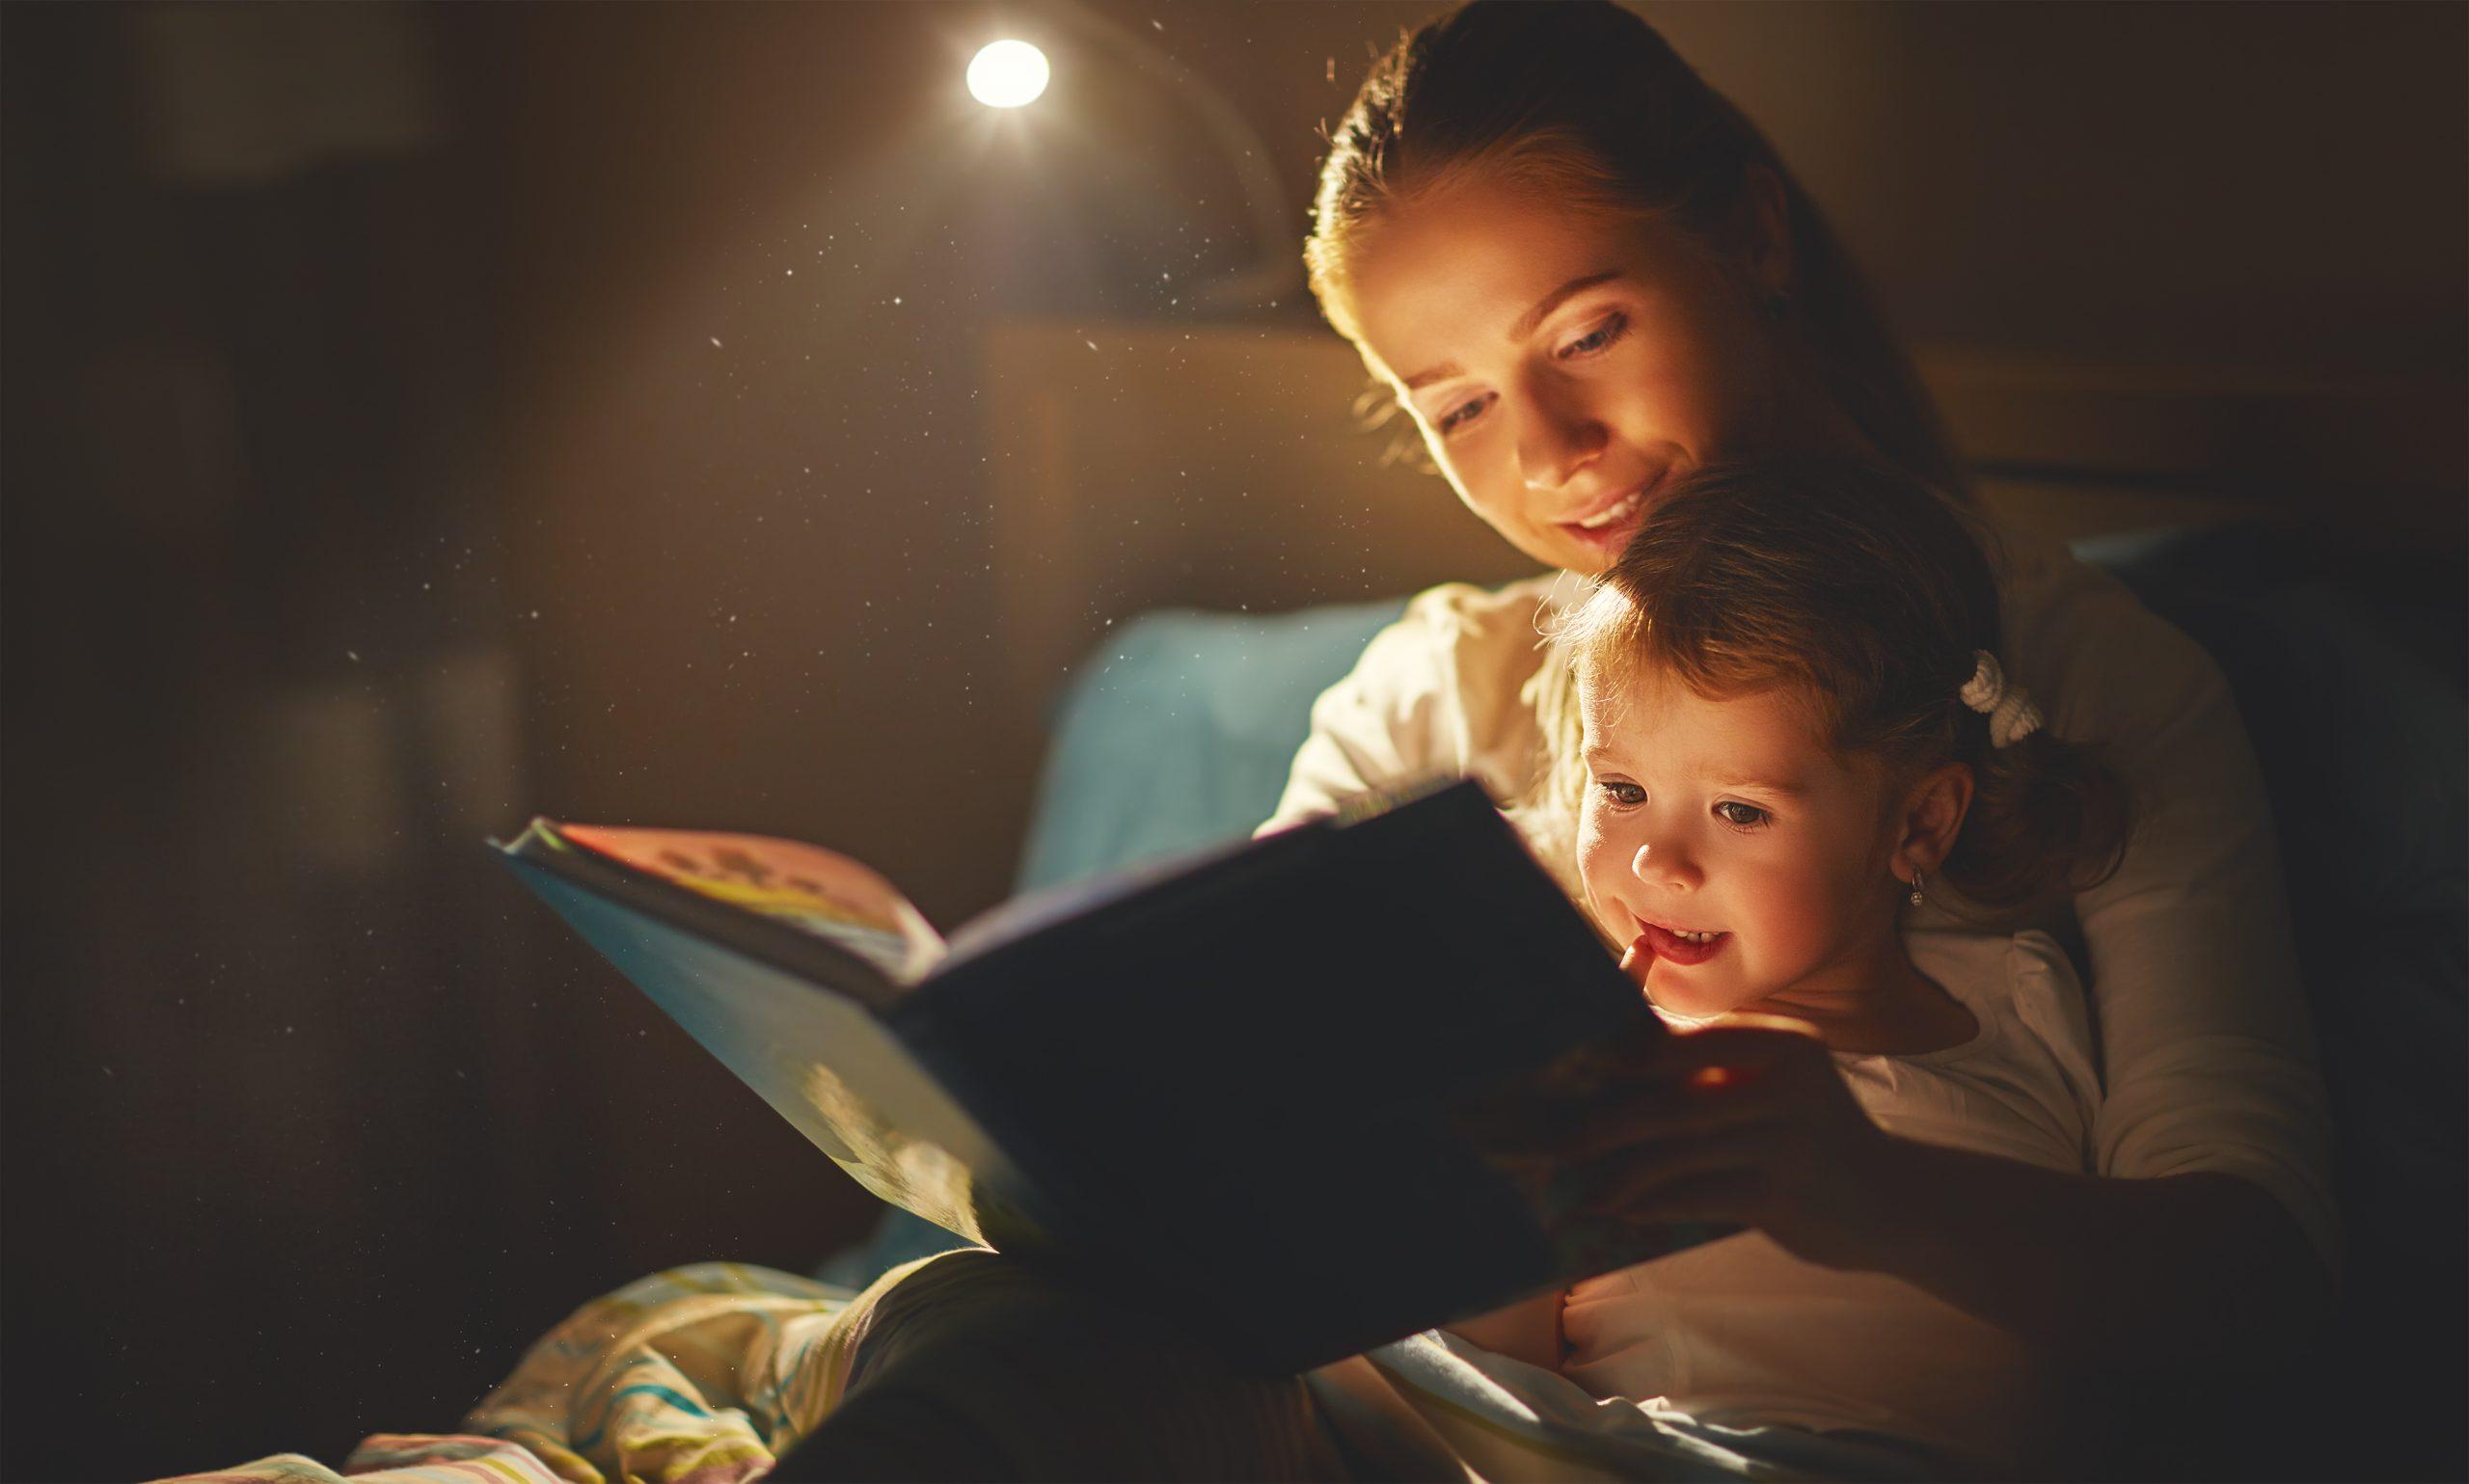 Παιδιά -Ύπνος: Προτιμήστε ένα παραμύθι από την τηλεόραση